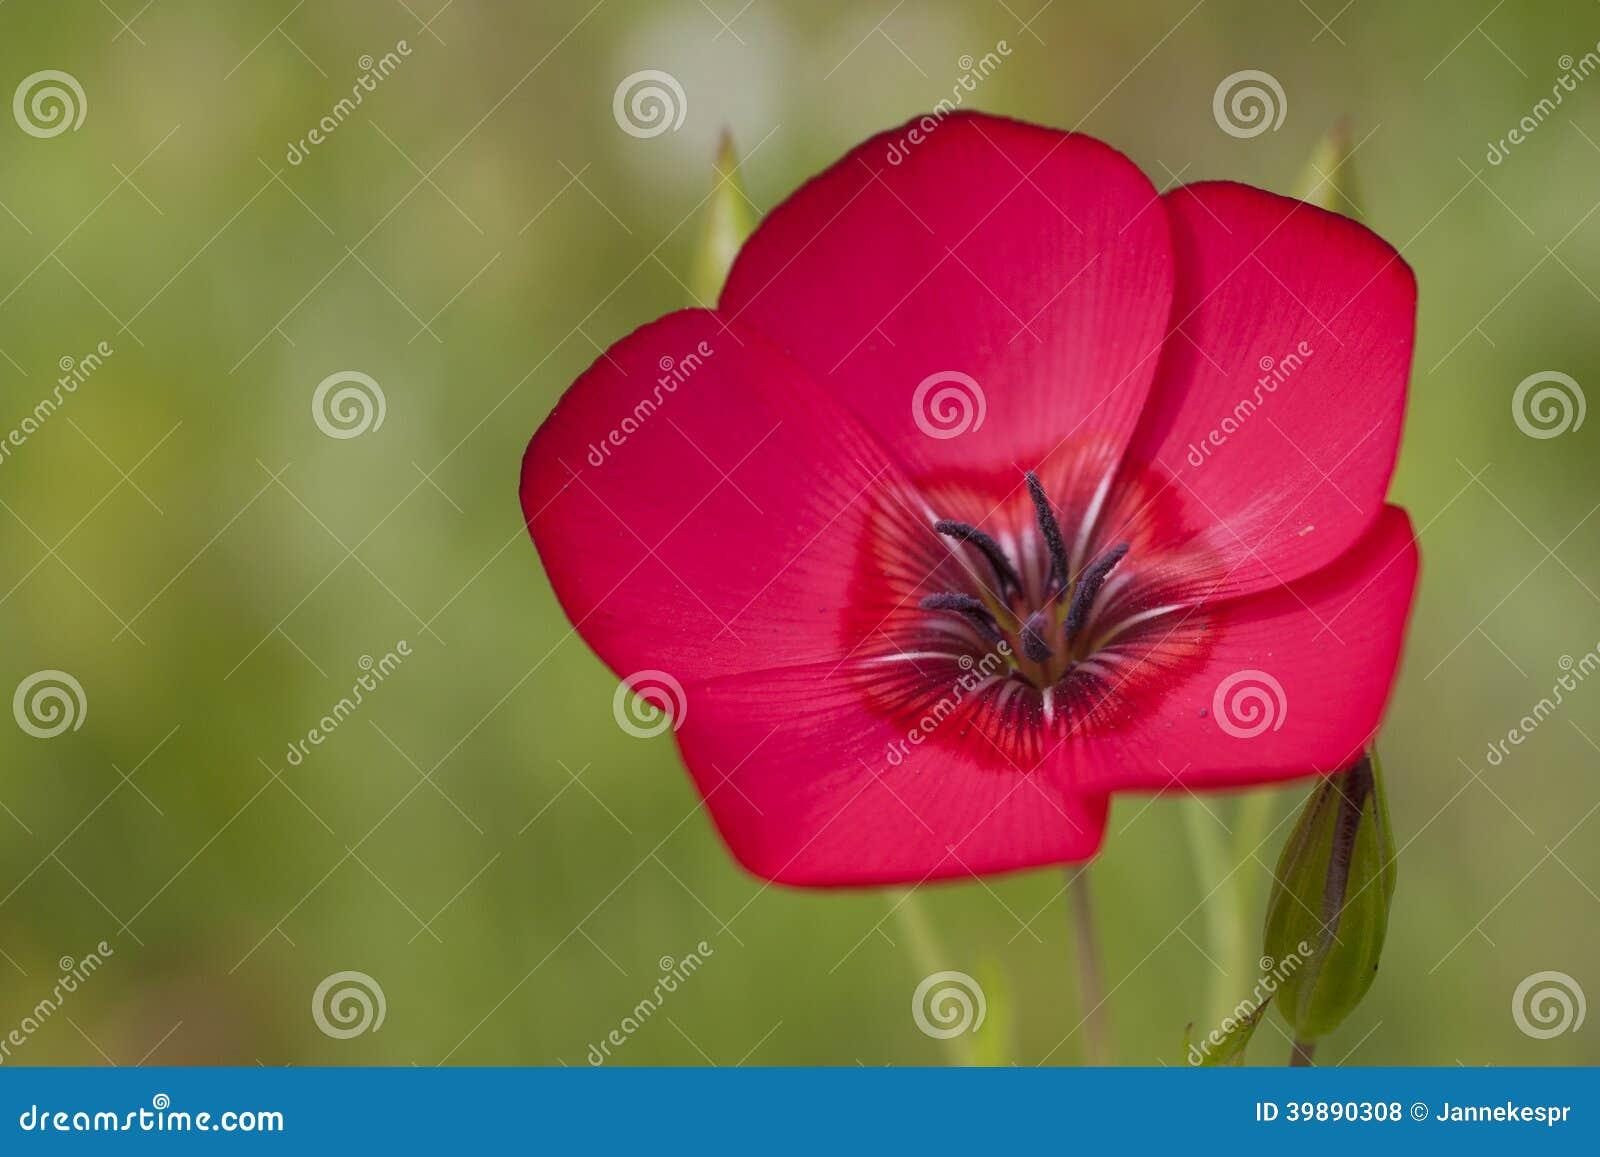 Flor del lino